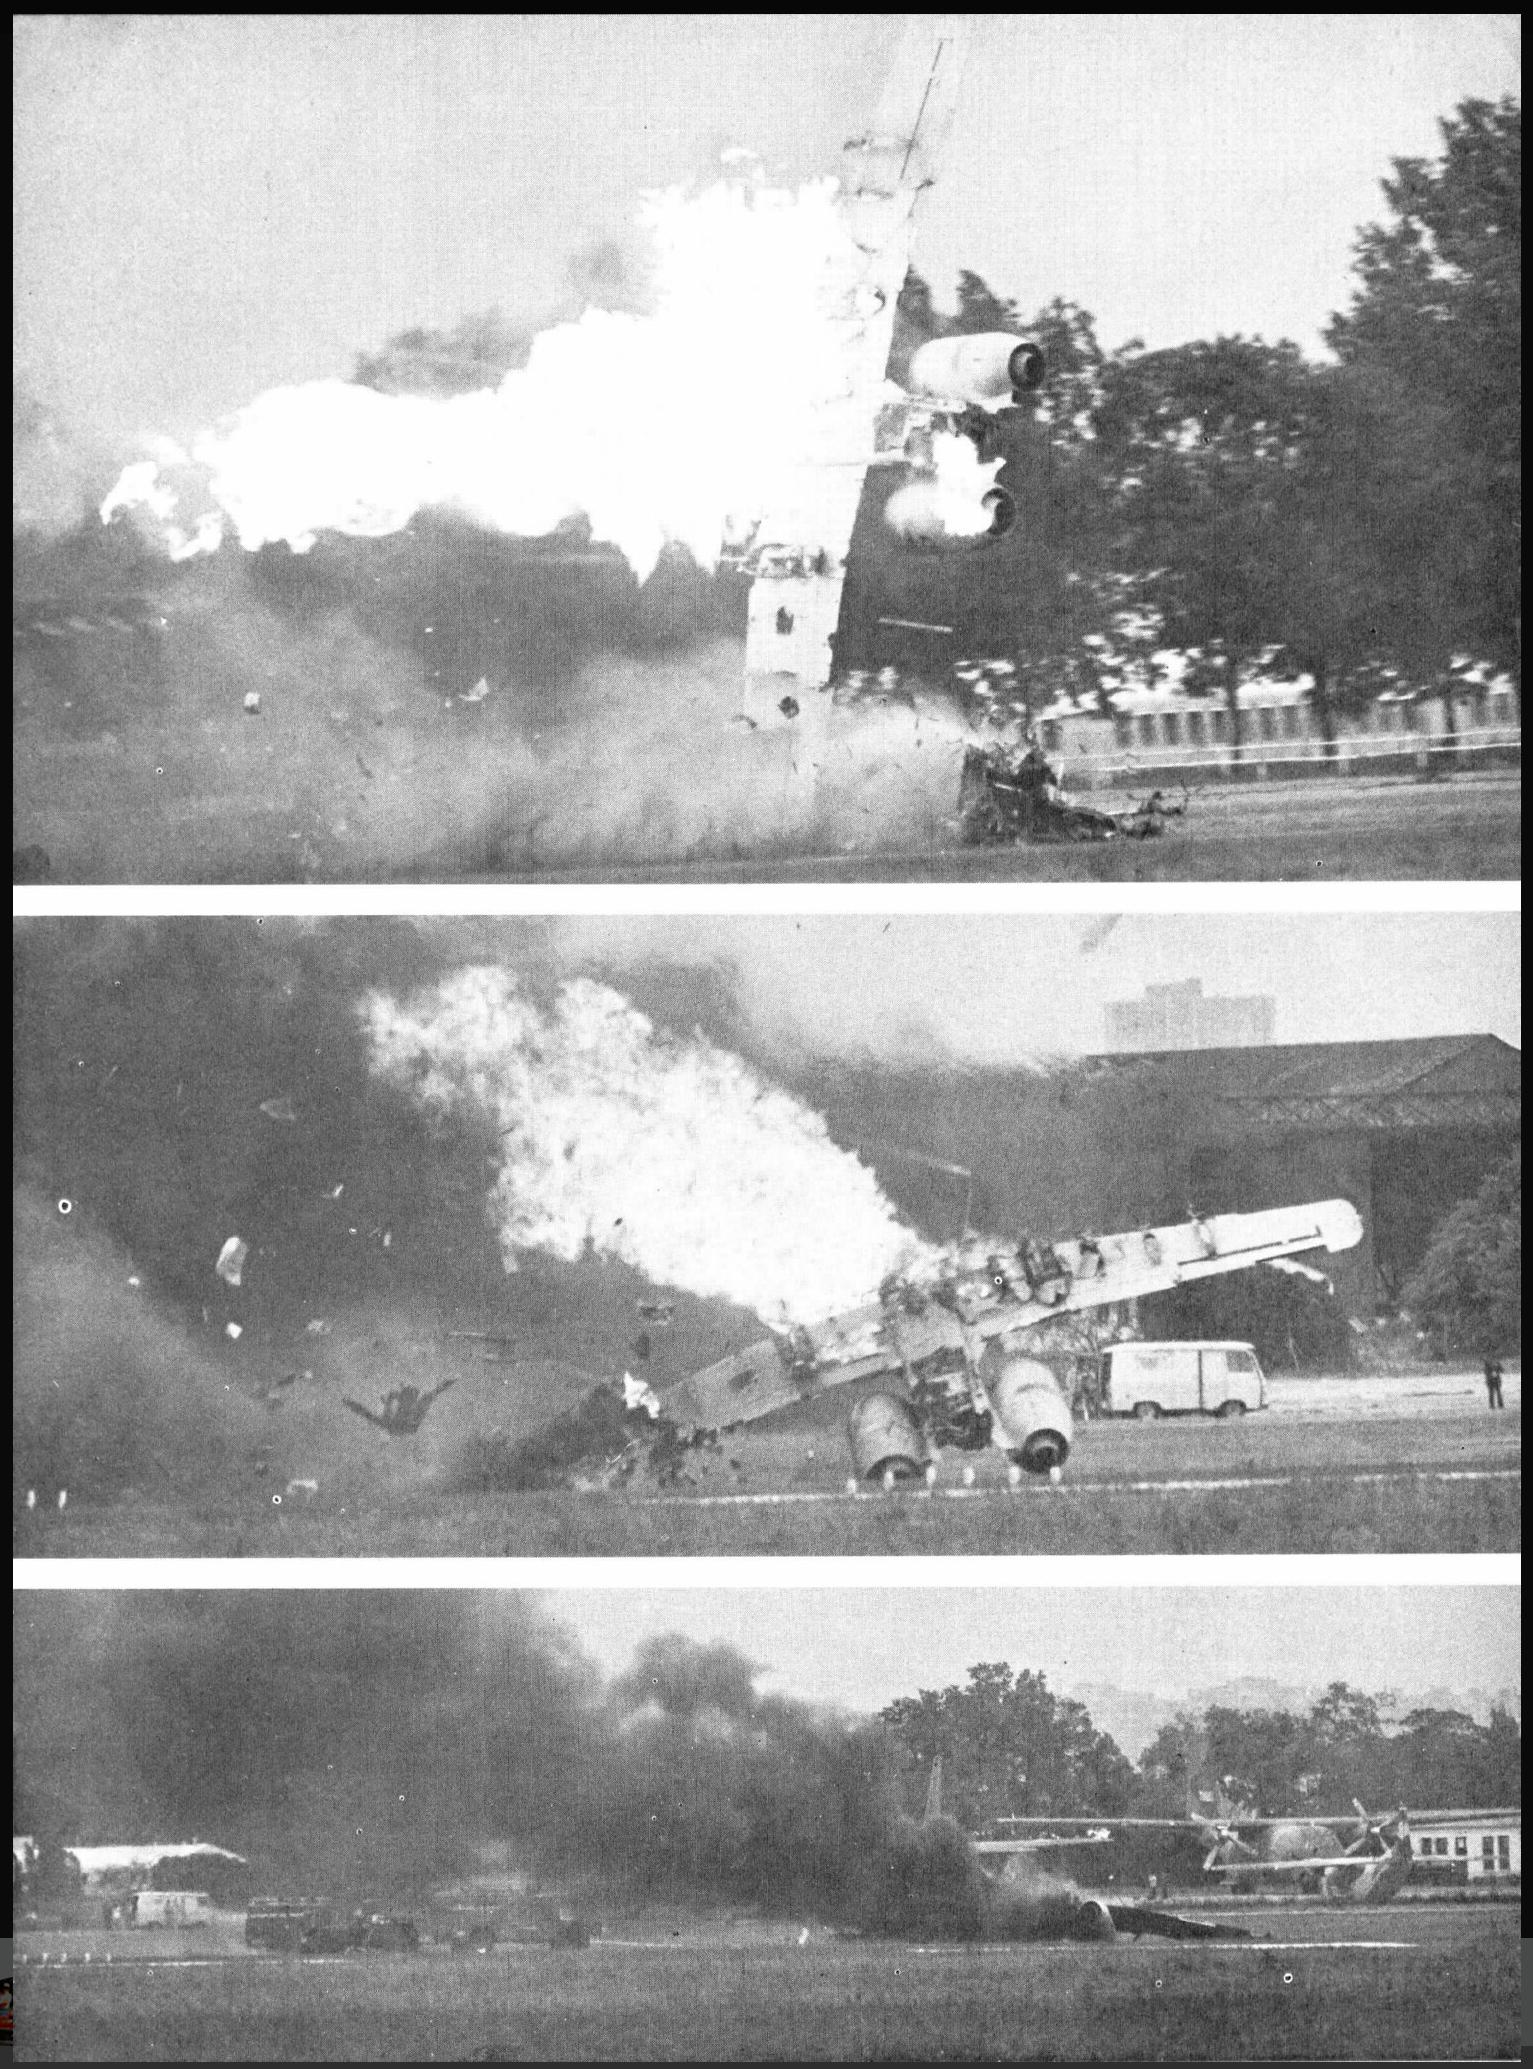 a-10_1977_crash.PNG